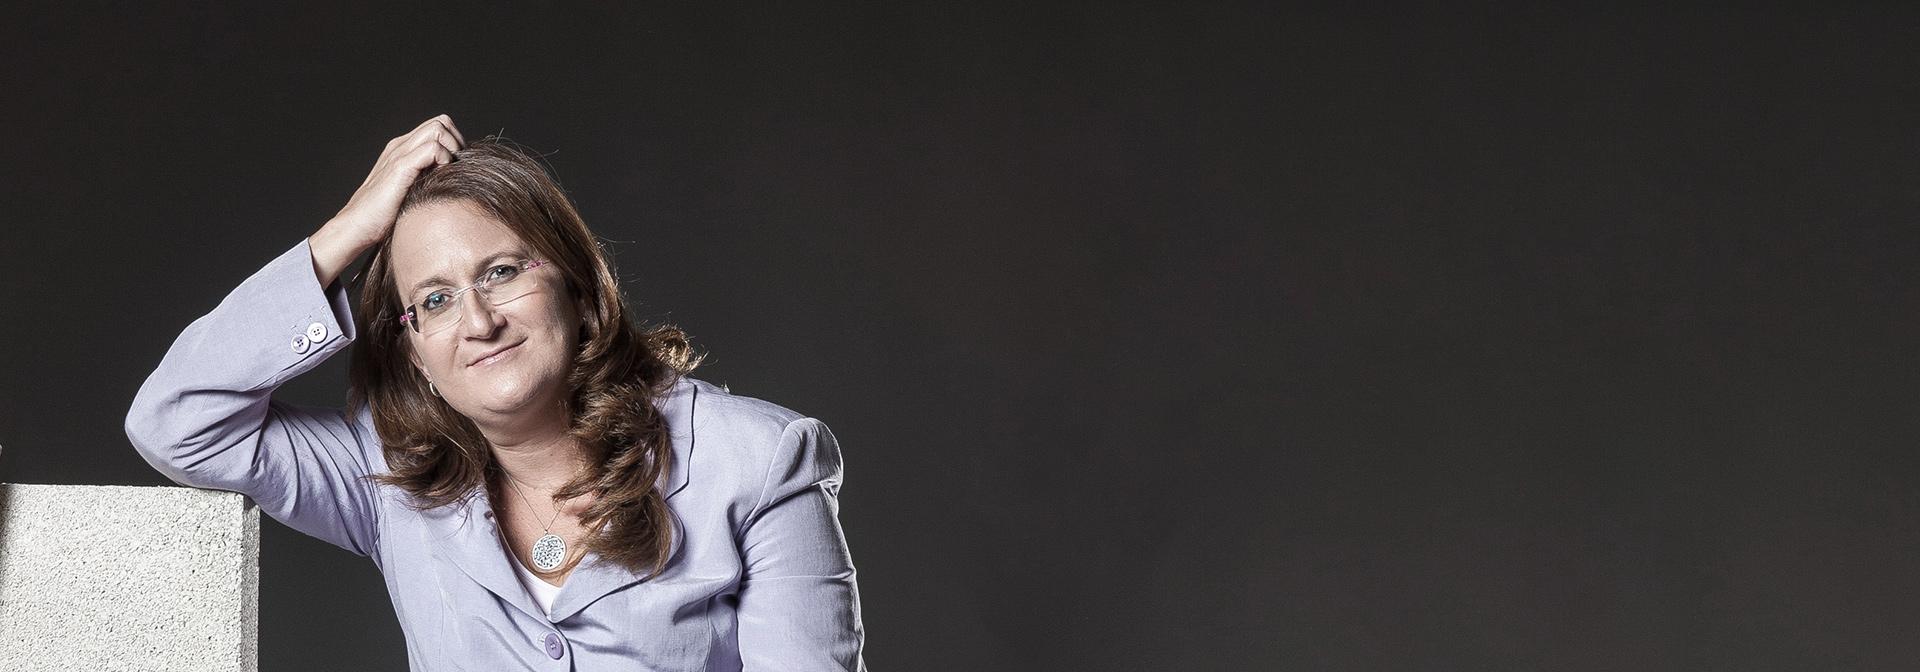 חמישים הנשים המשפיעות לשנת 2017 - דנה עזריאלי / צילום: רמי זרנגר